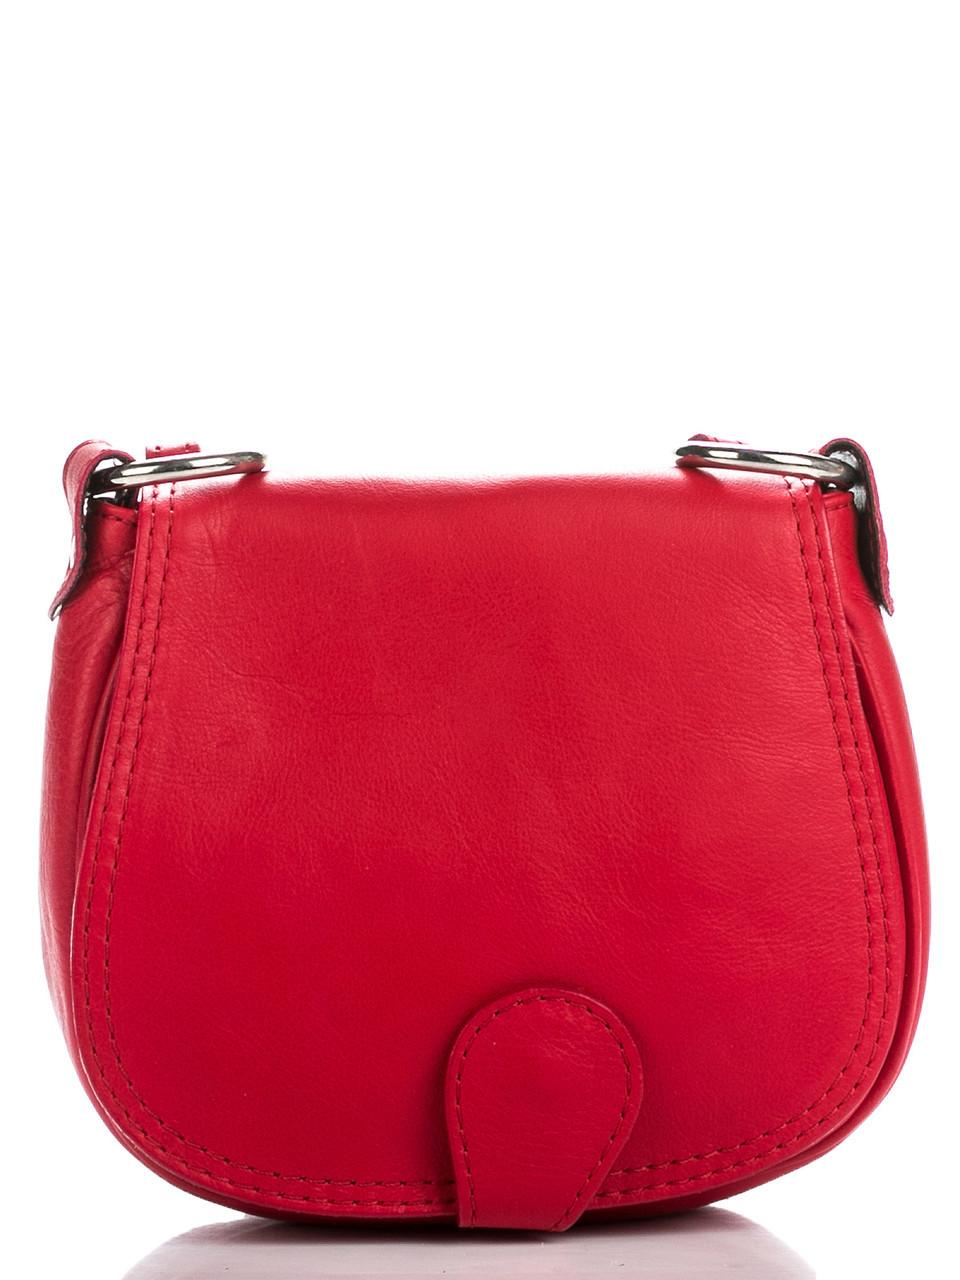 Женская кожаная сумка через плечо SIBILLA Diva's Bag цвет красный